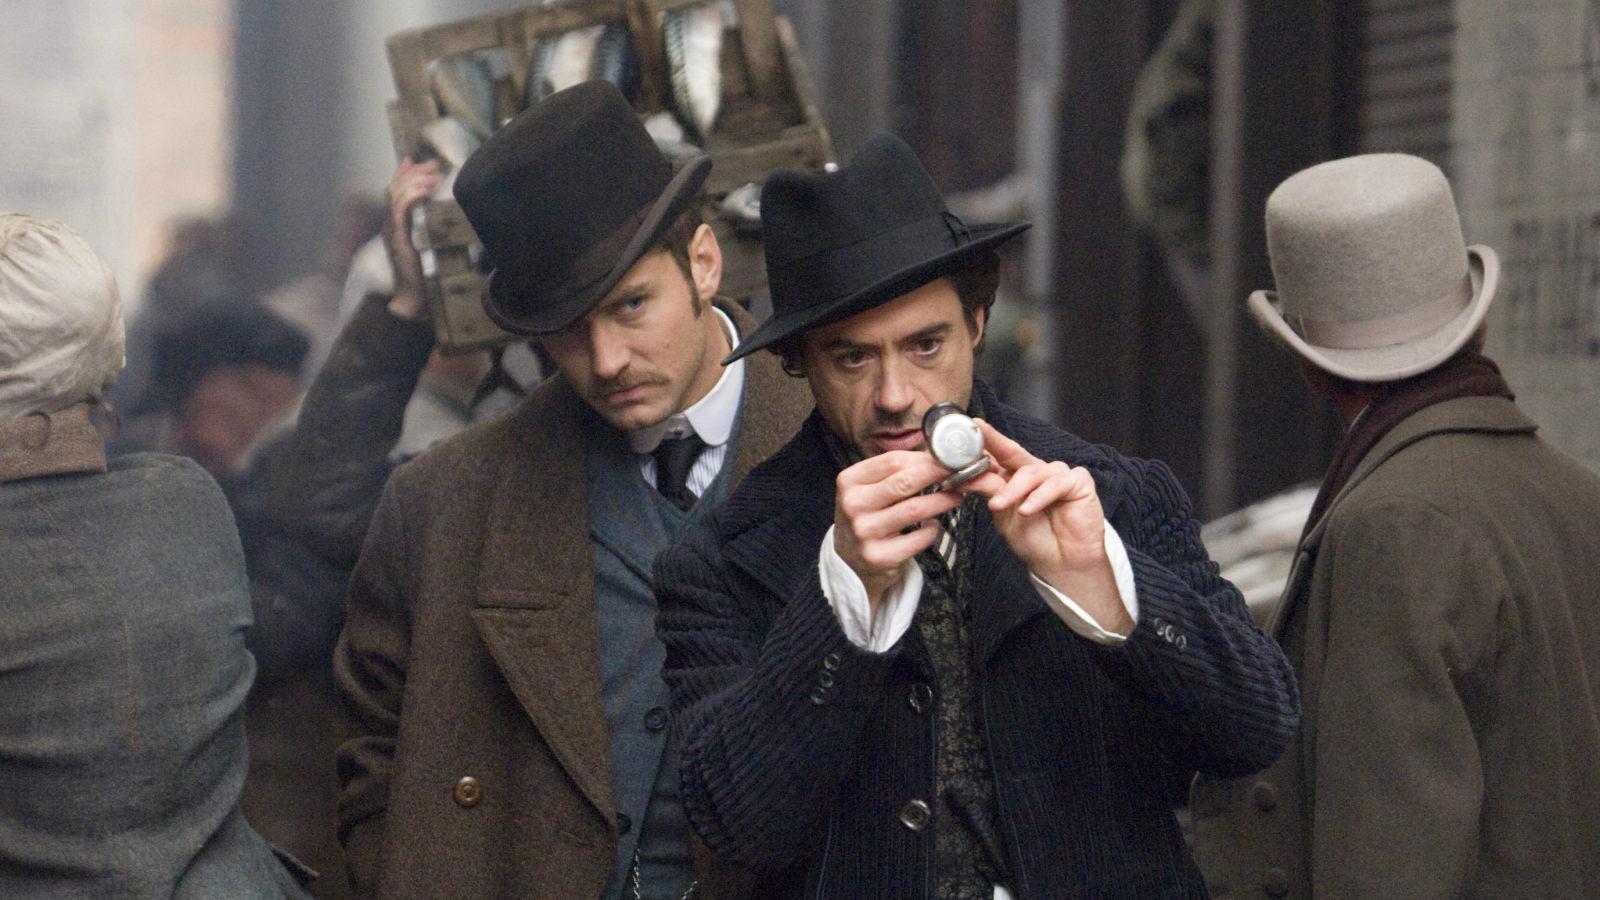 《大侦探福尔摩斯3》改由德克斯特·弗莱彻执导,主演或将悉数回归